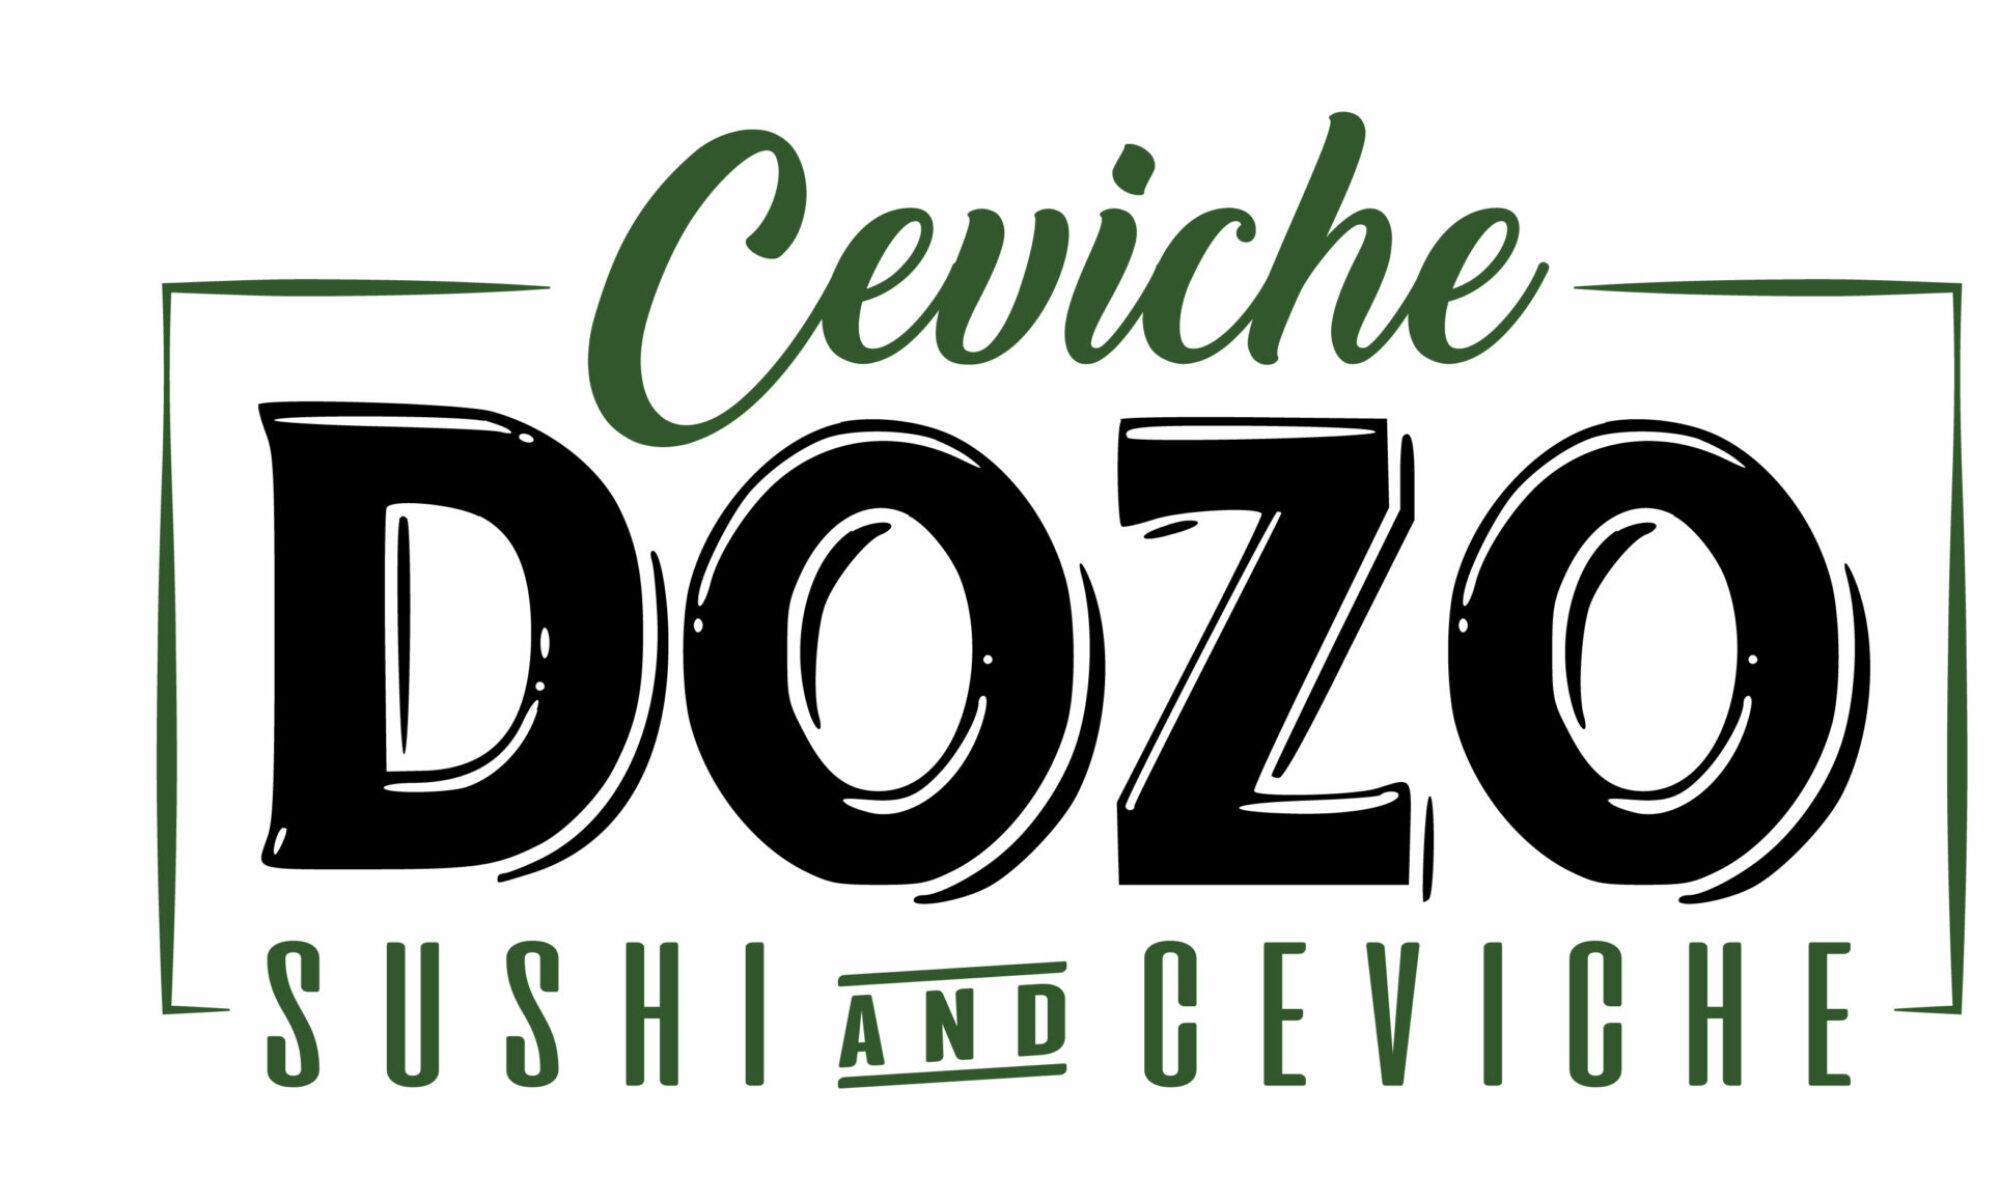 Ceviche DOZO